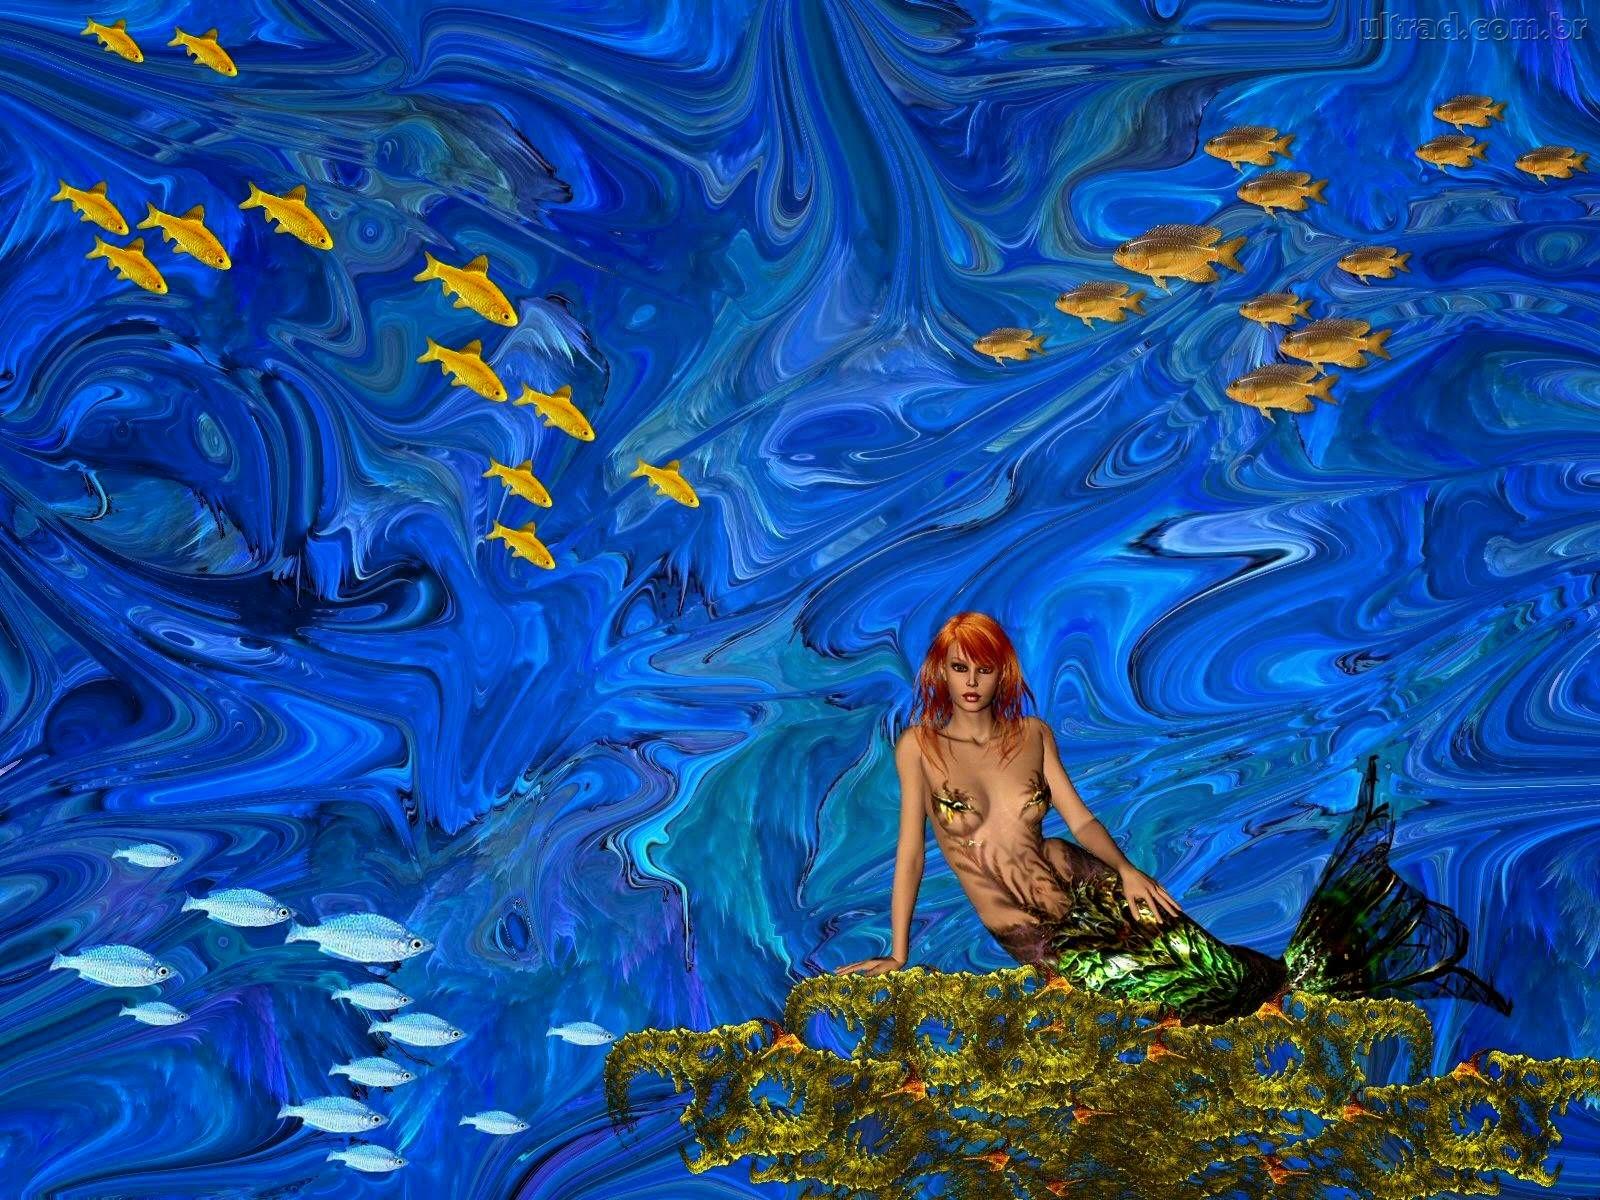 Lindas Gifs E Imagens Wallpapers Fundo Do Mar